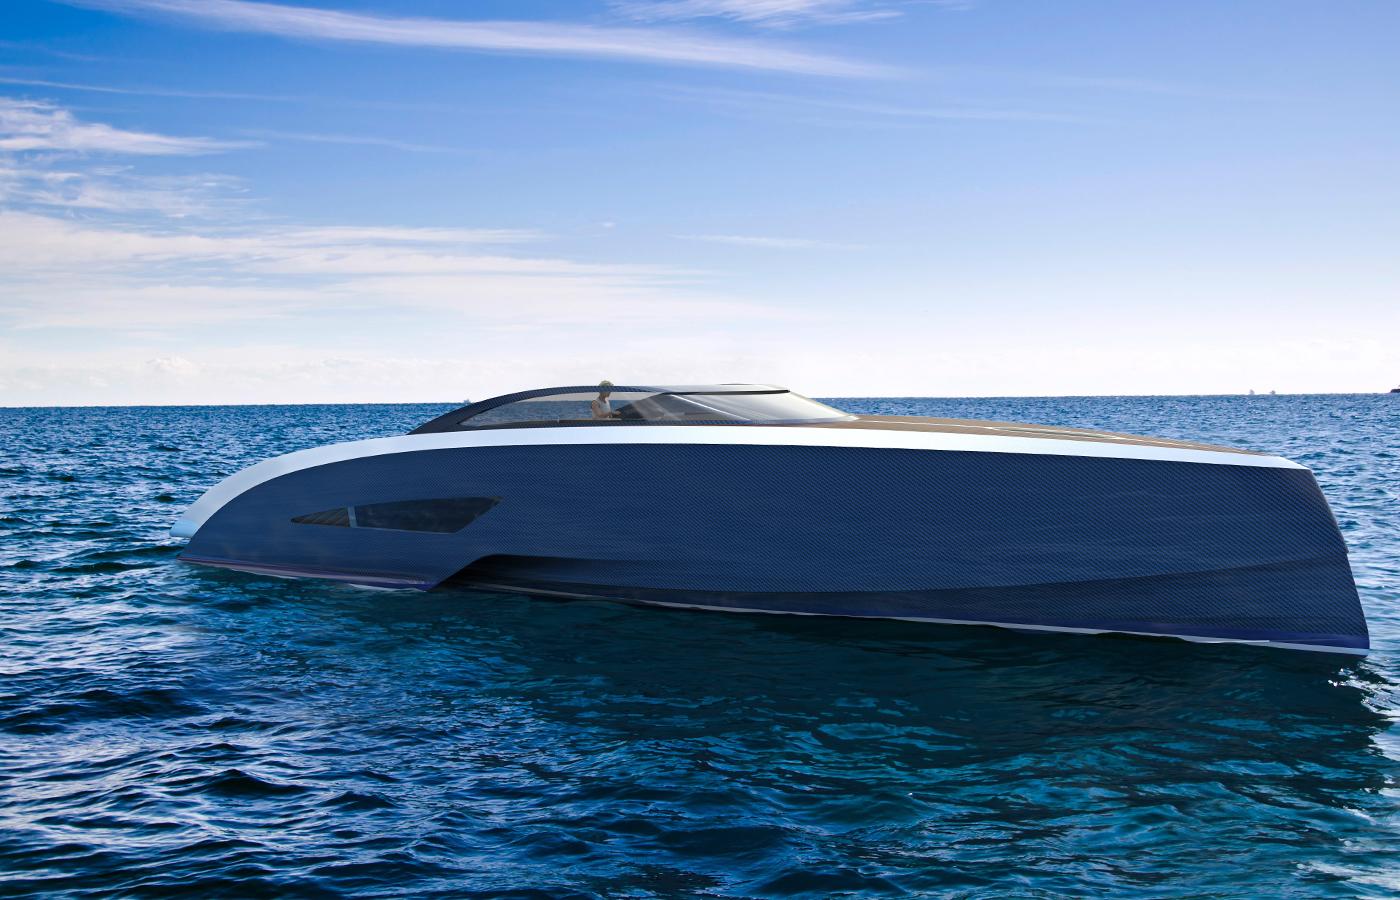 bugatti und palmer johnson bauen eine luxus yacht. Black Bedroom Furniture Sets. Home Design Ideas